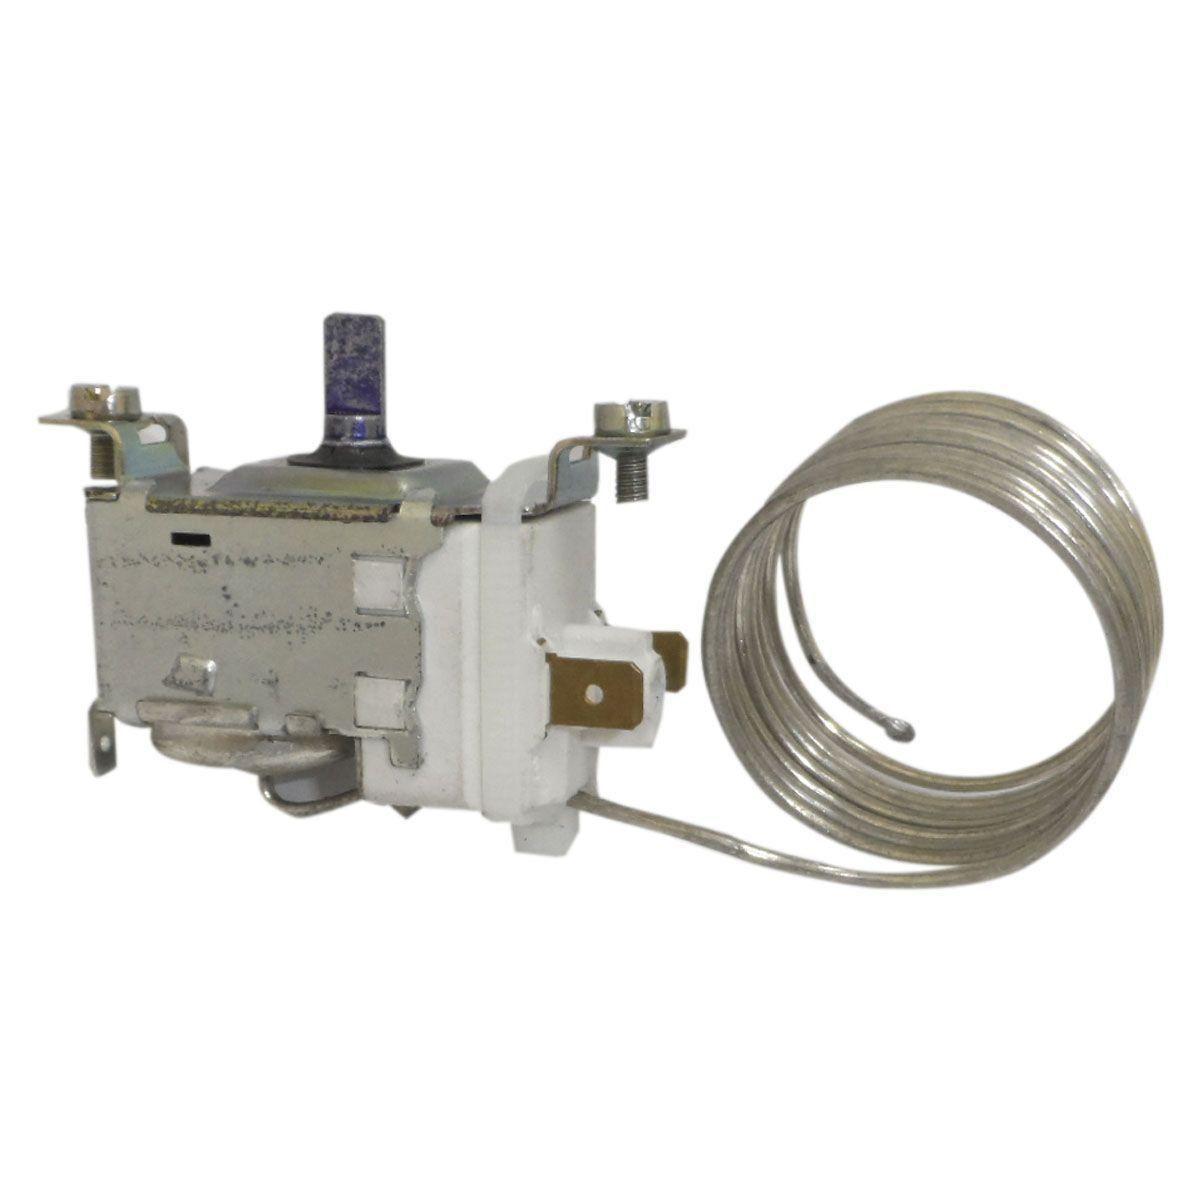 Termostato Freezer Electrolux Dupla Ação RFR4009-2P 64772554